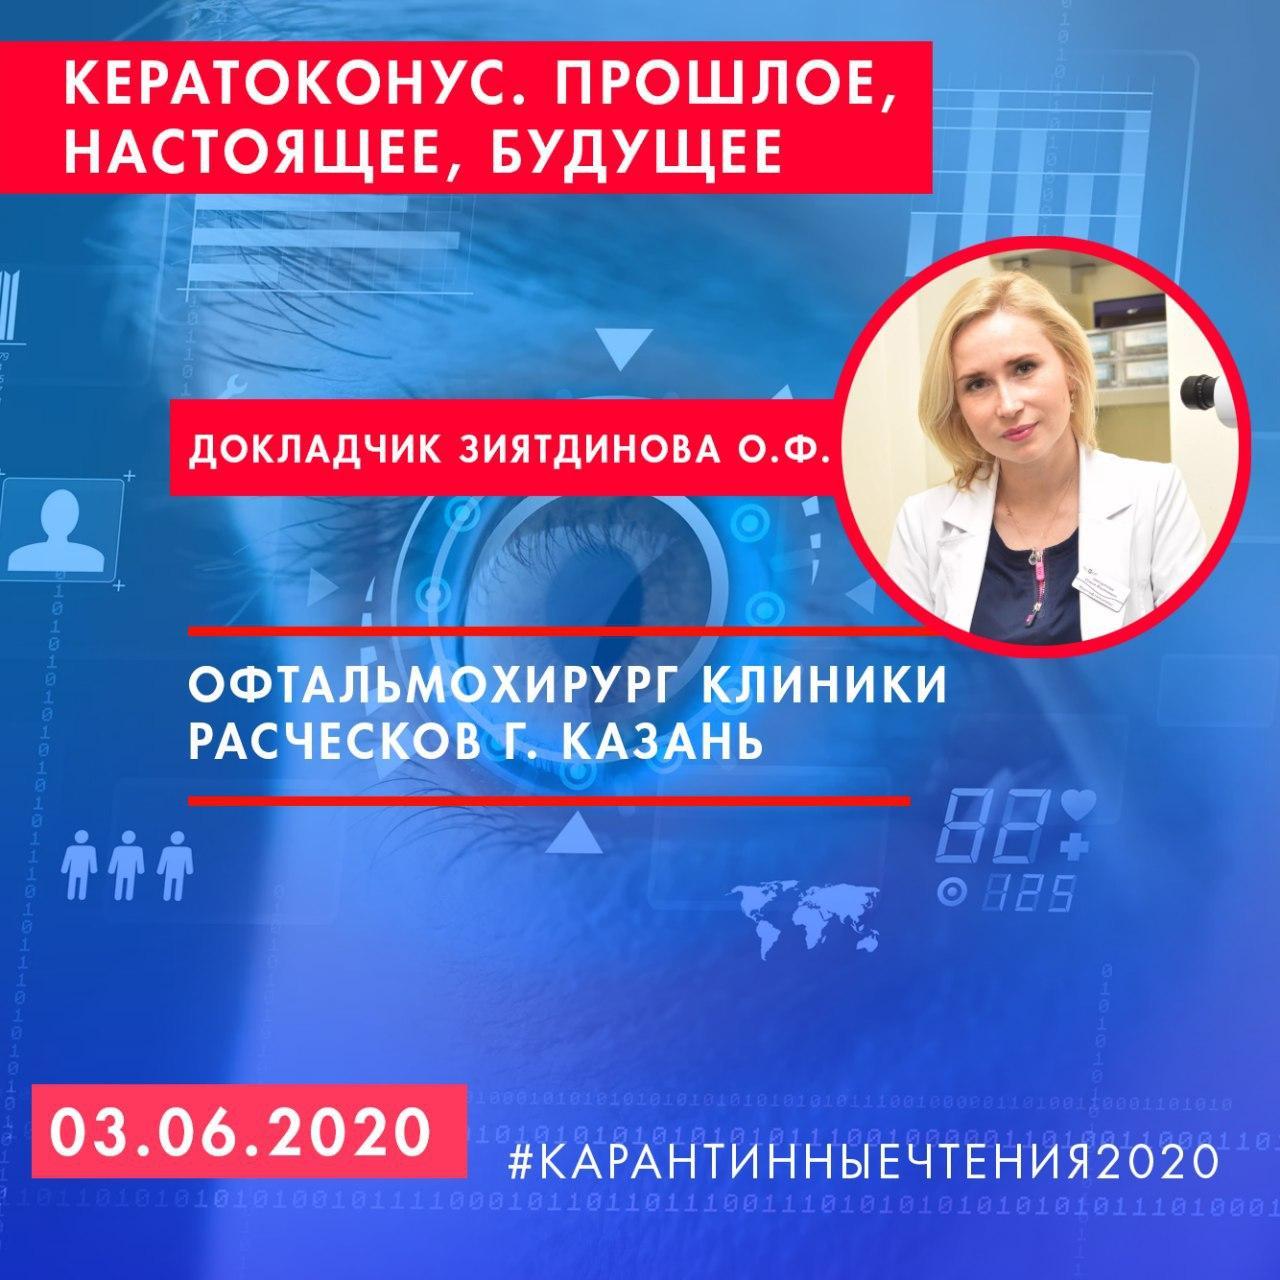 photo_2020-05-30_01-08-21